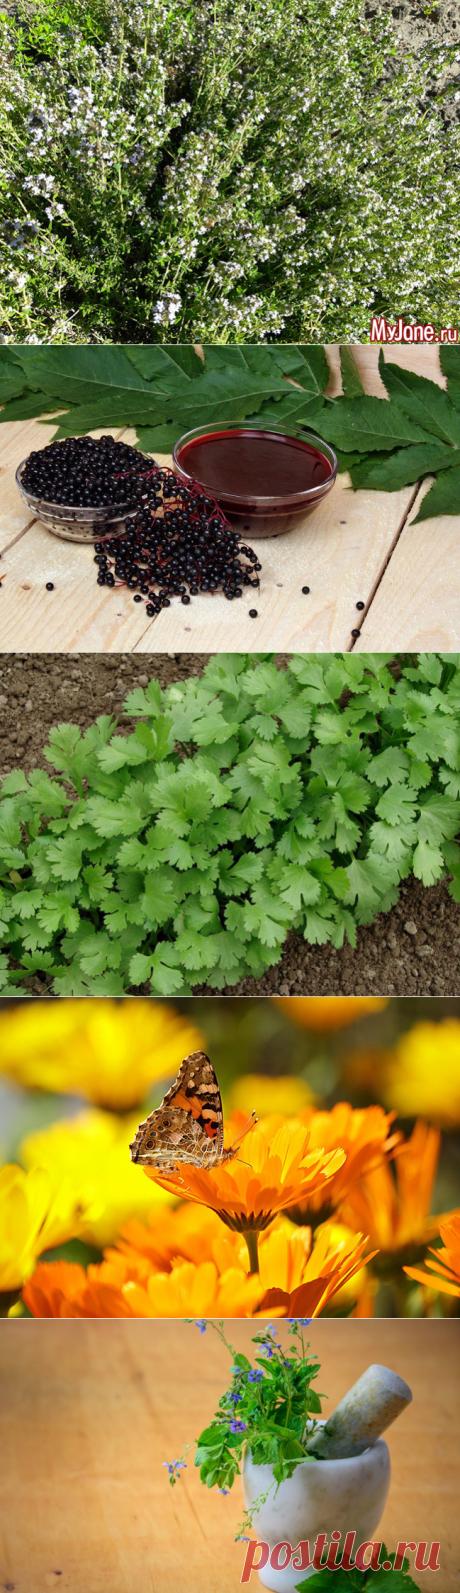 12 косметических растений, которые вы можете выращивать сами - растения, косметика, алоэ, маски, тоник